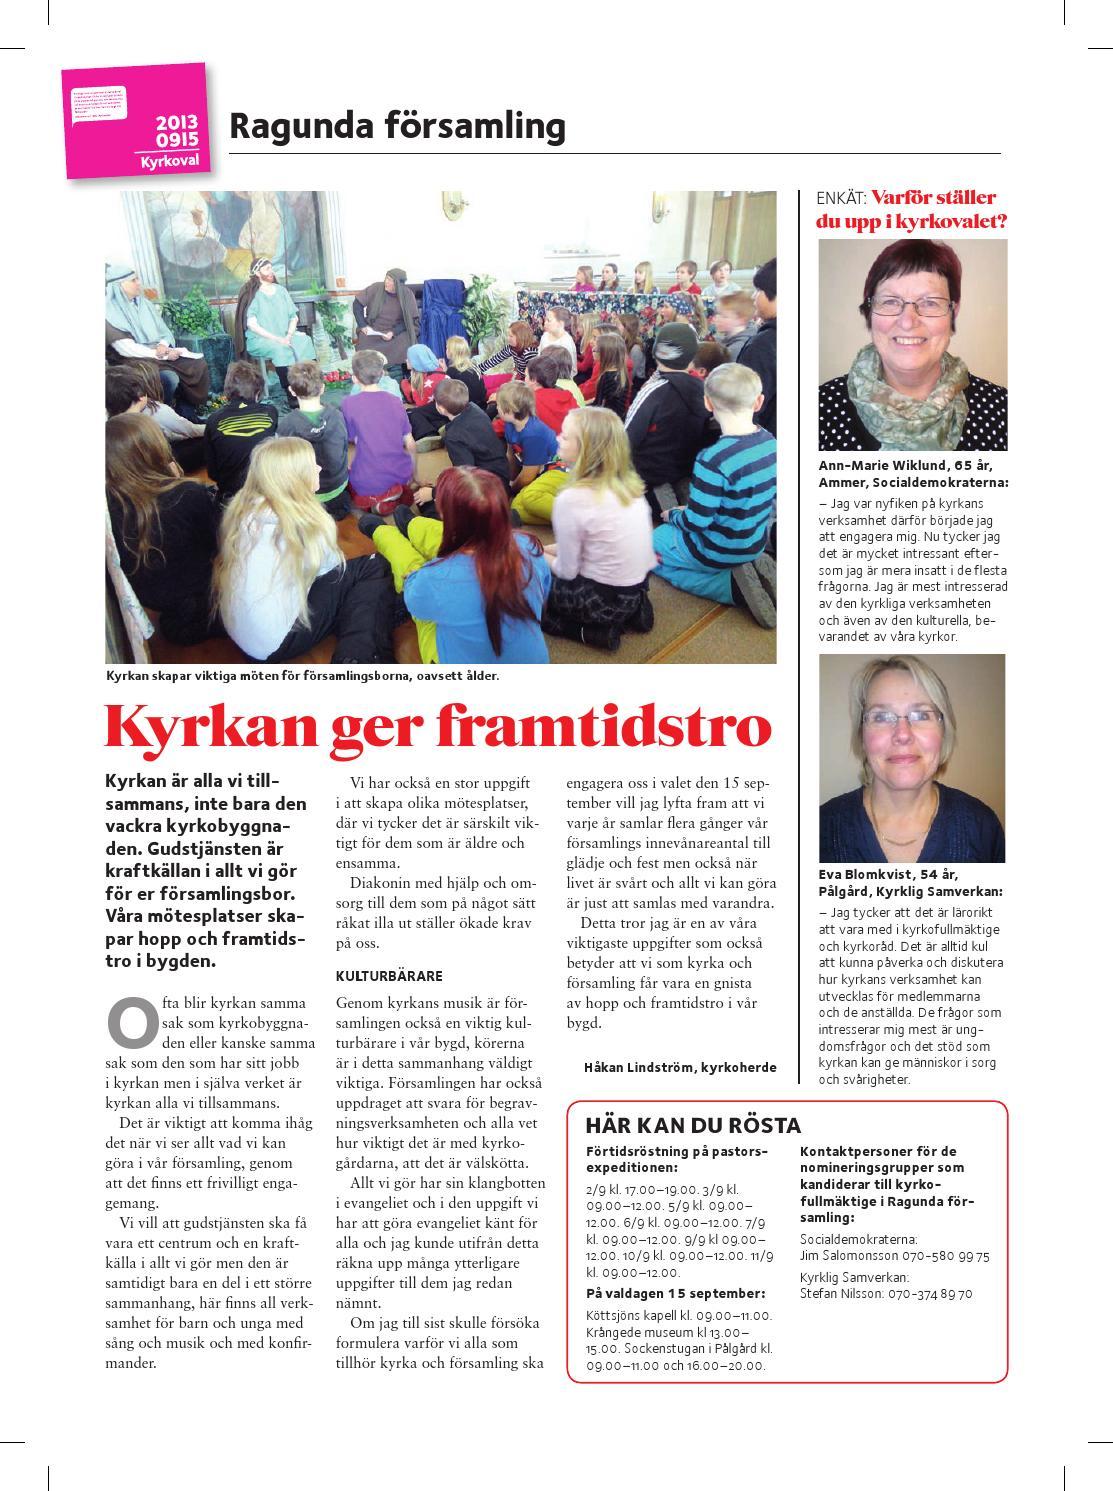 ppen verksamhet i Katrineholm   omr-scanner.net